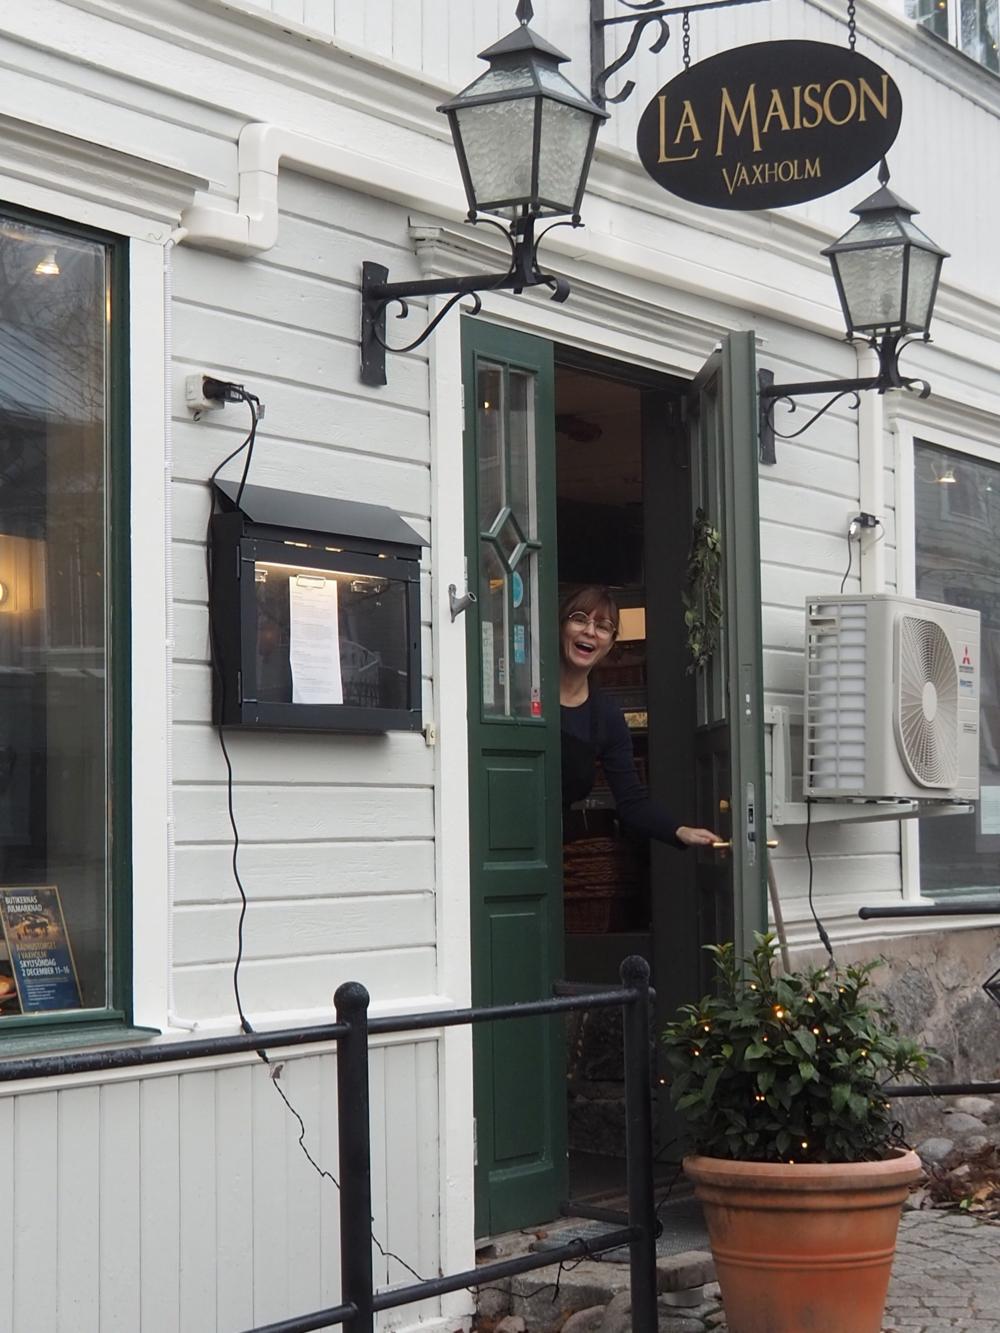 De witte houten voorgevel van een koffietentje op Vaxholm